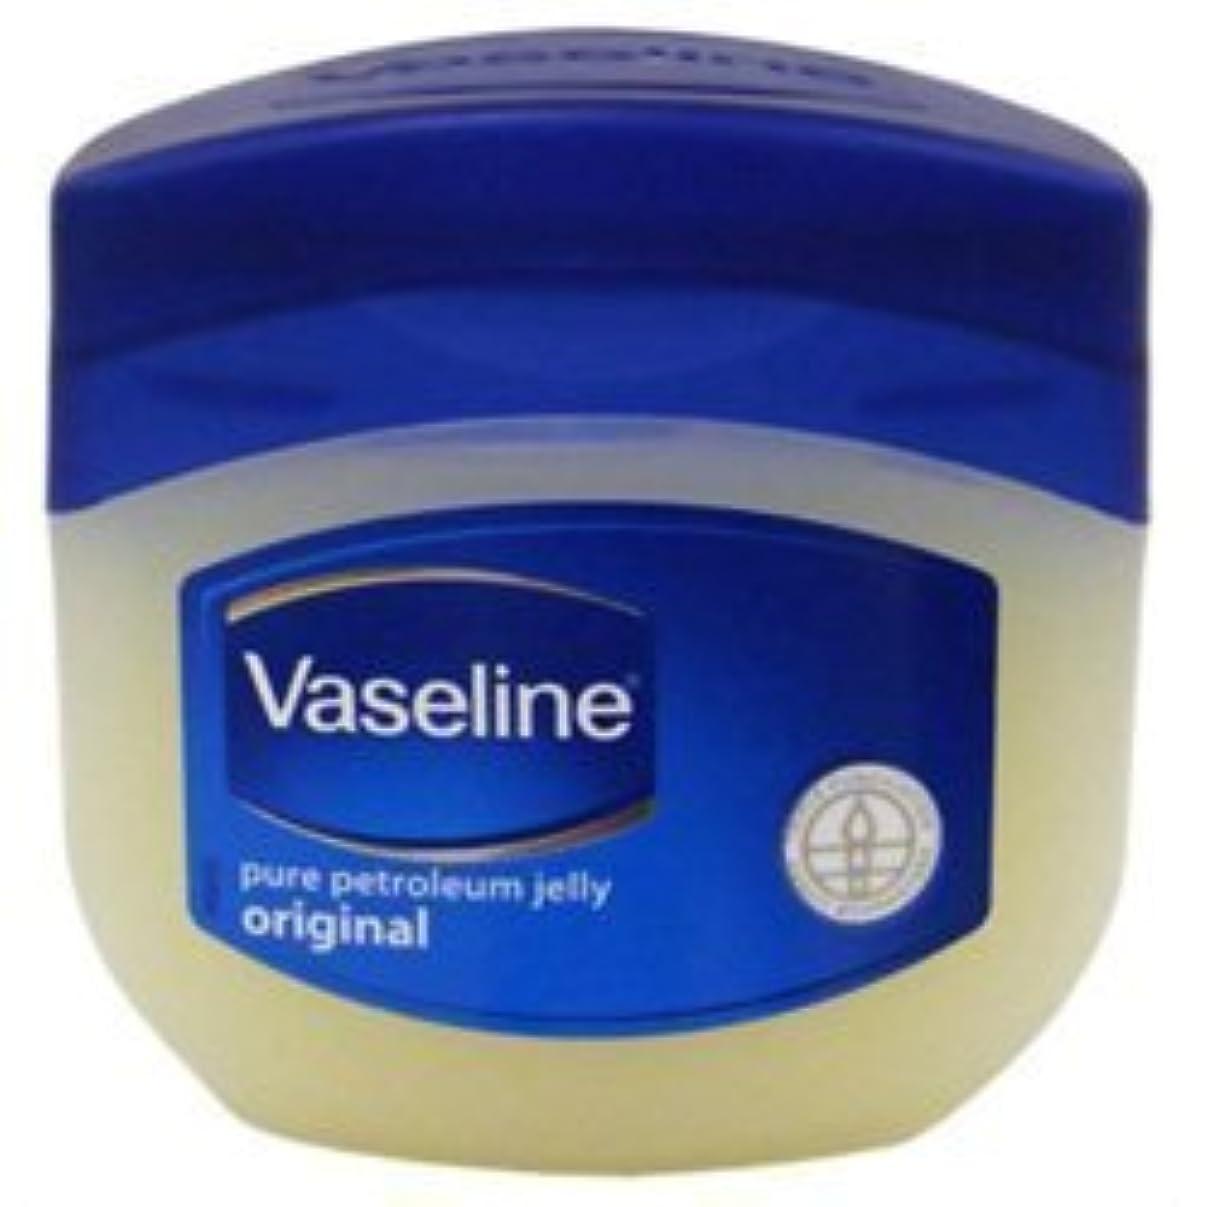 スモッグ本を読む重要な役割を果たす、中心的な手段となる【Vaseline】ヴァセリン ピュアスキンジェリー (スキンオイル) 80g ×5個セット